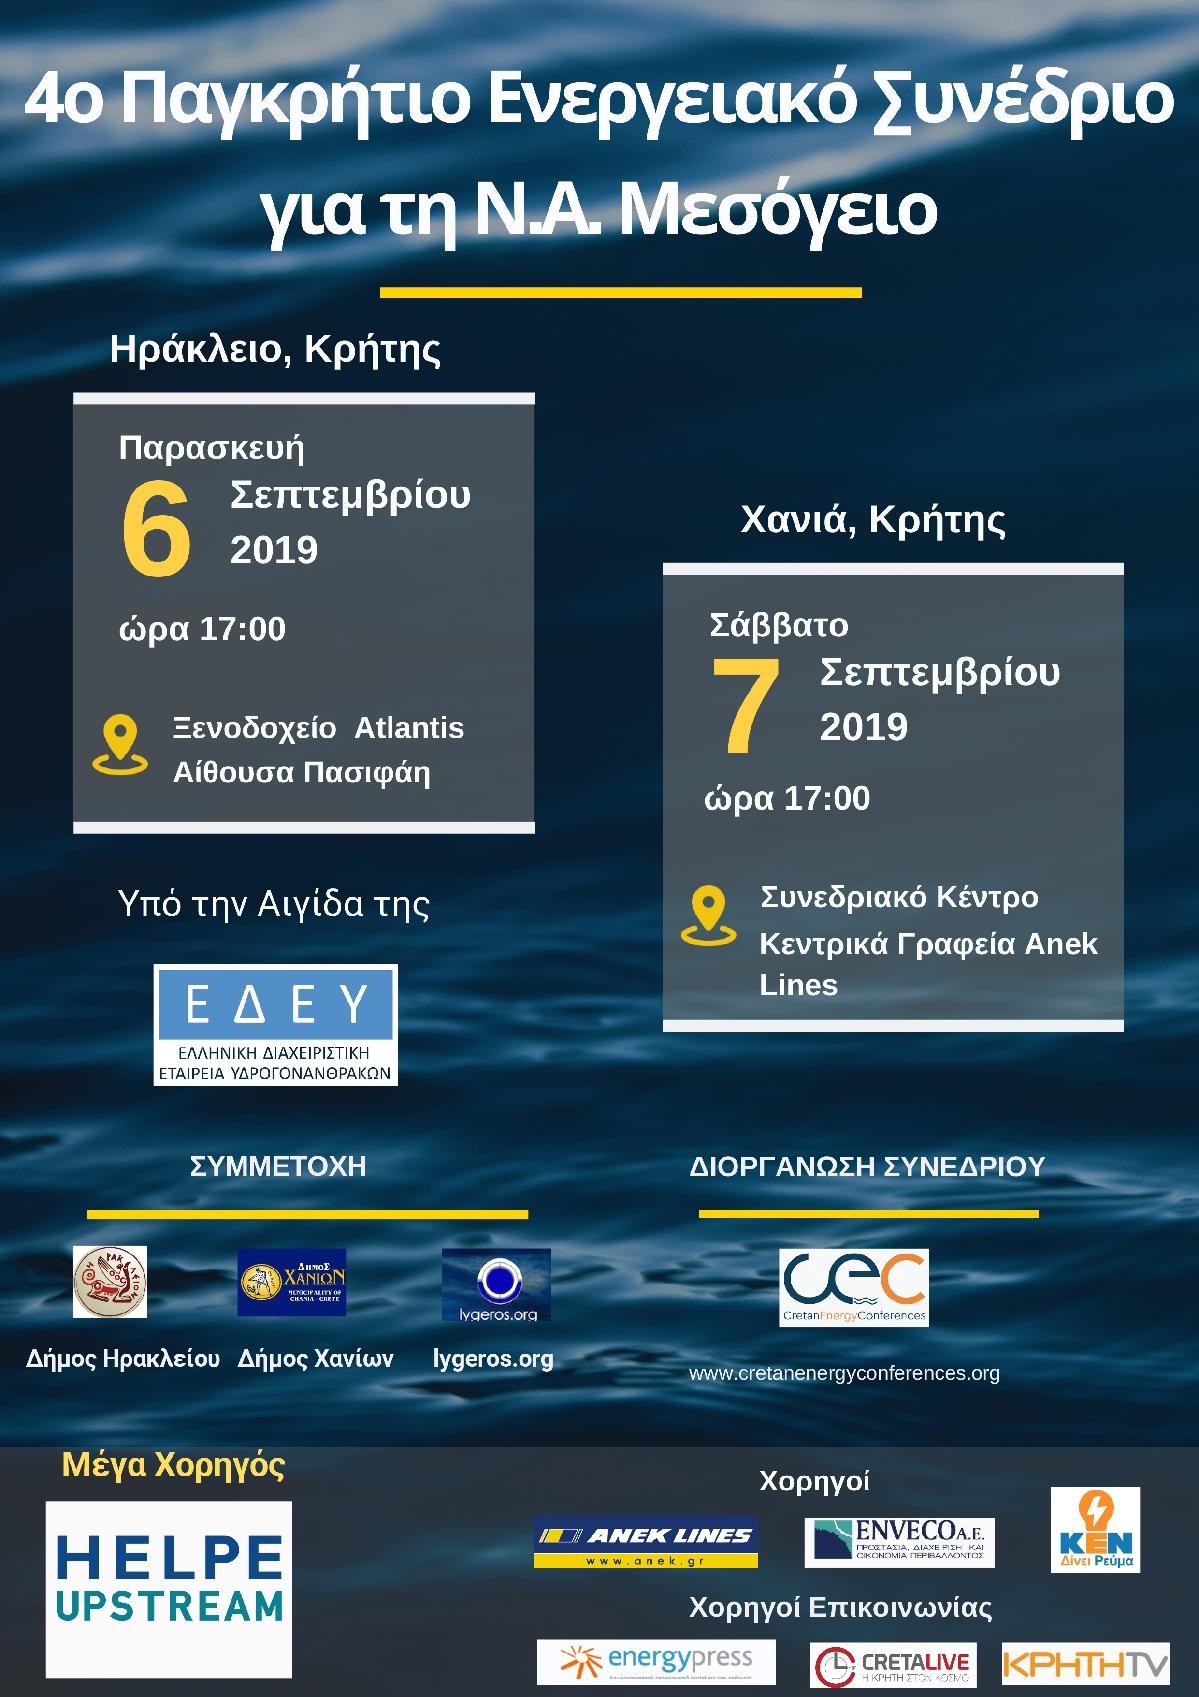 4ο Παγκρήτιο Ενεργειακό Συνέδριο για τη Ν.Α. Μεσόγειο